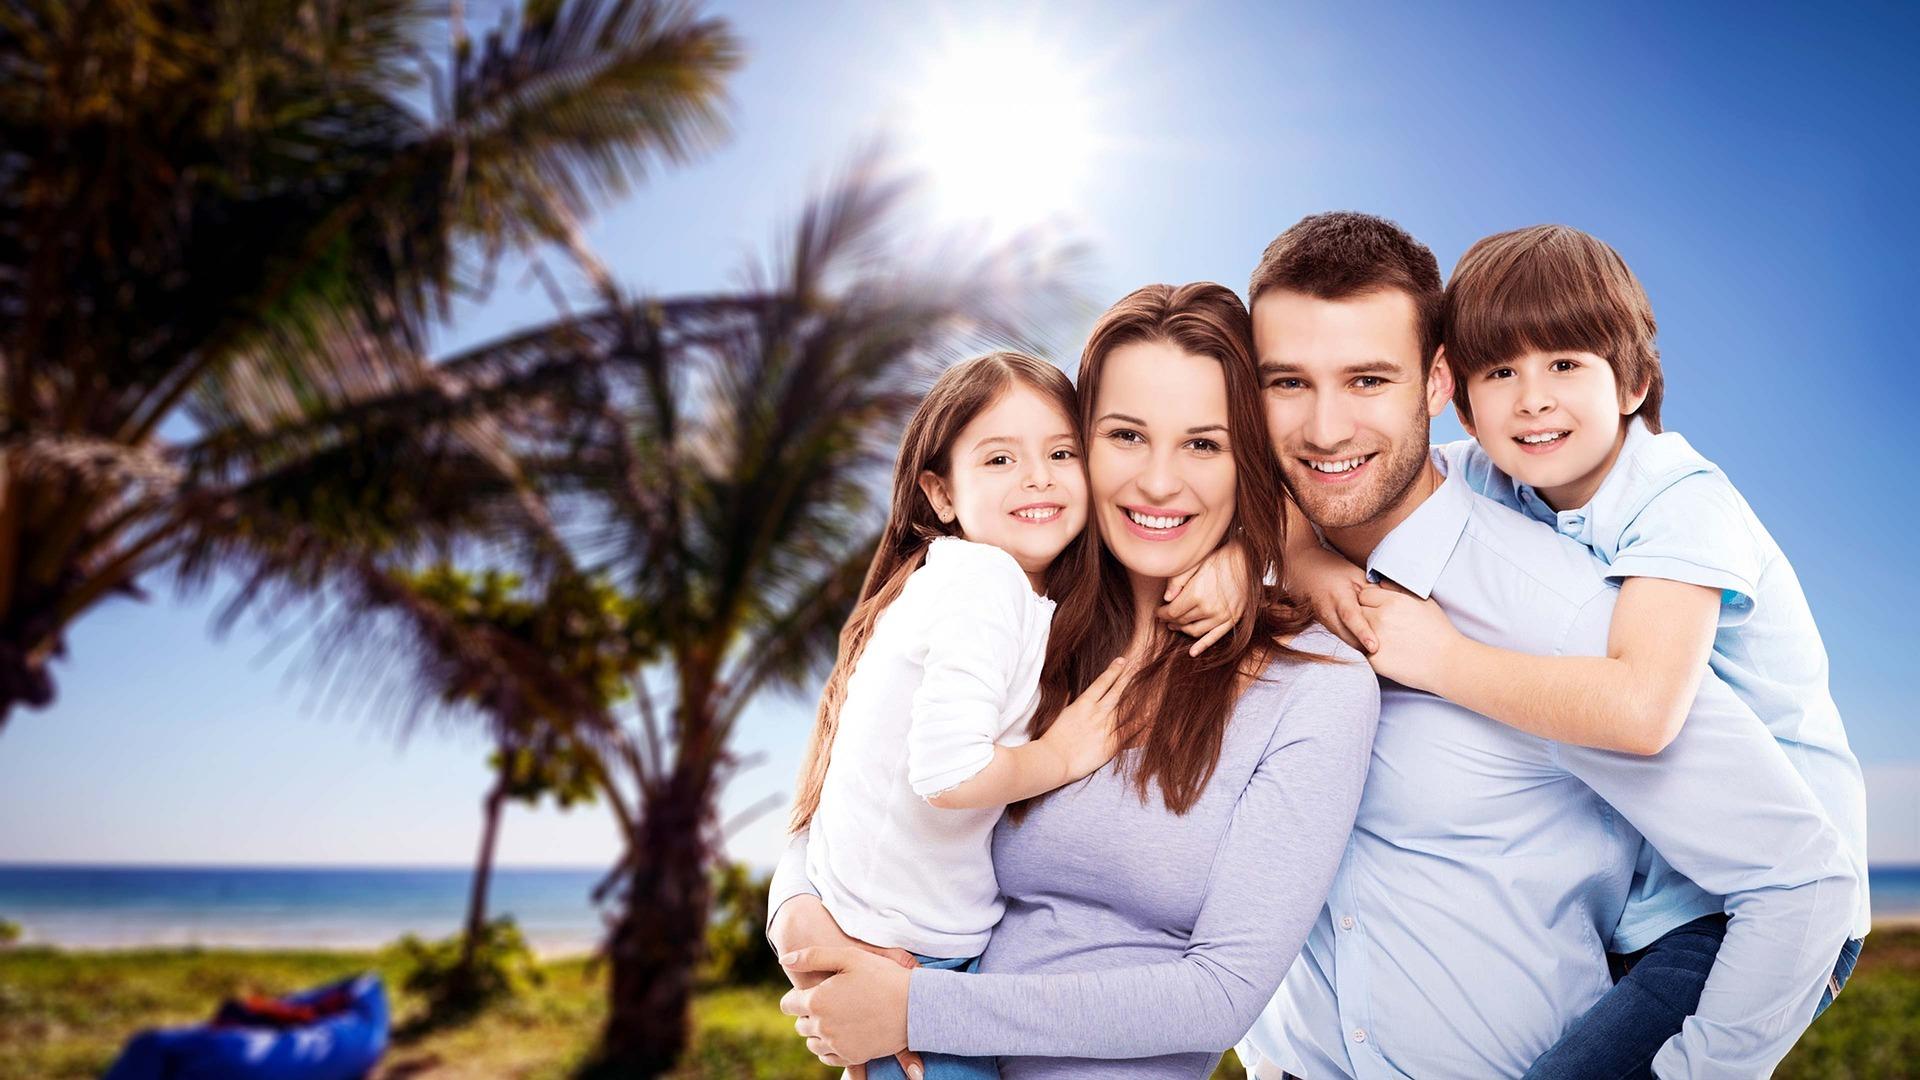 gezin, kinderen, opvoeding